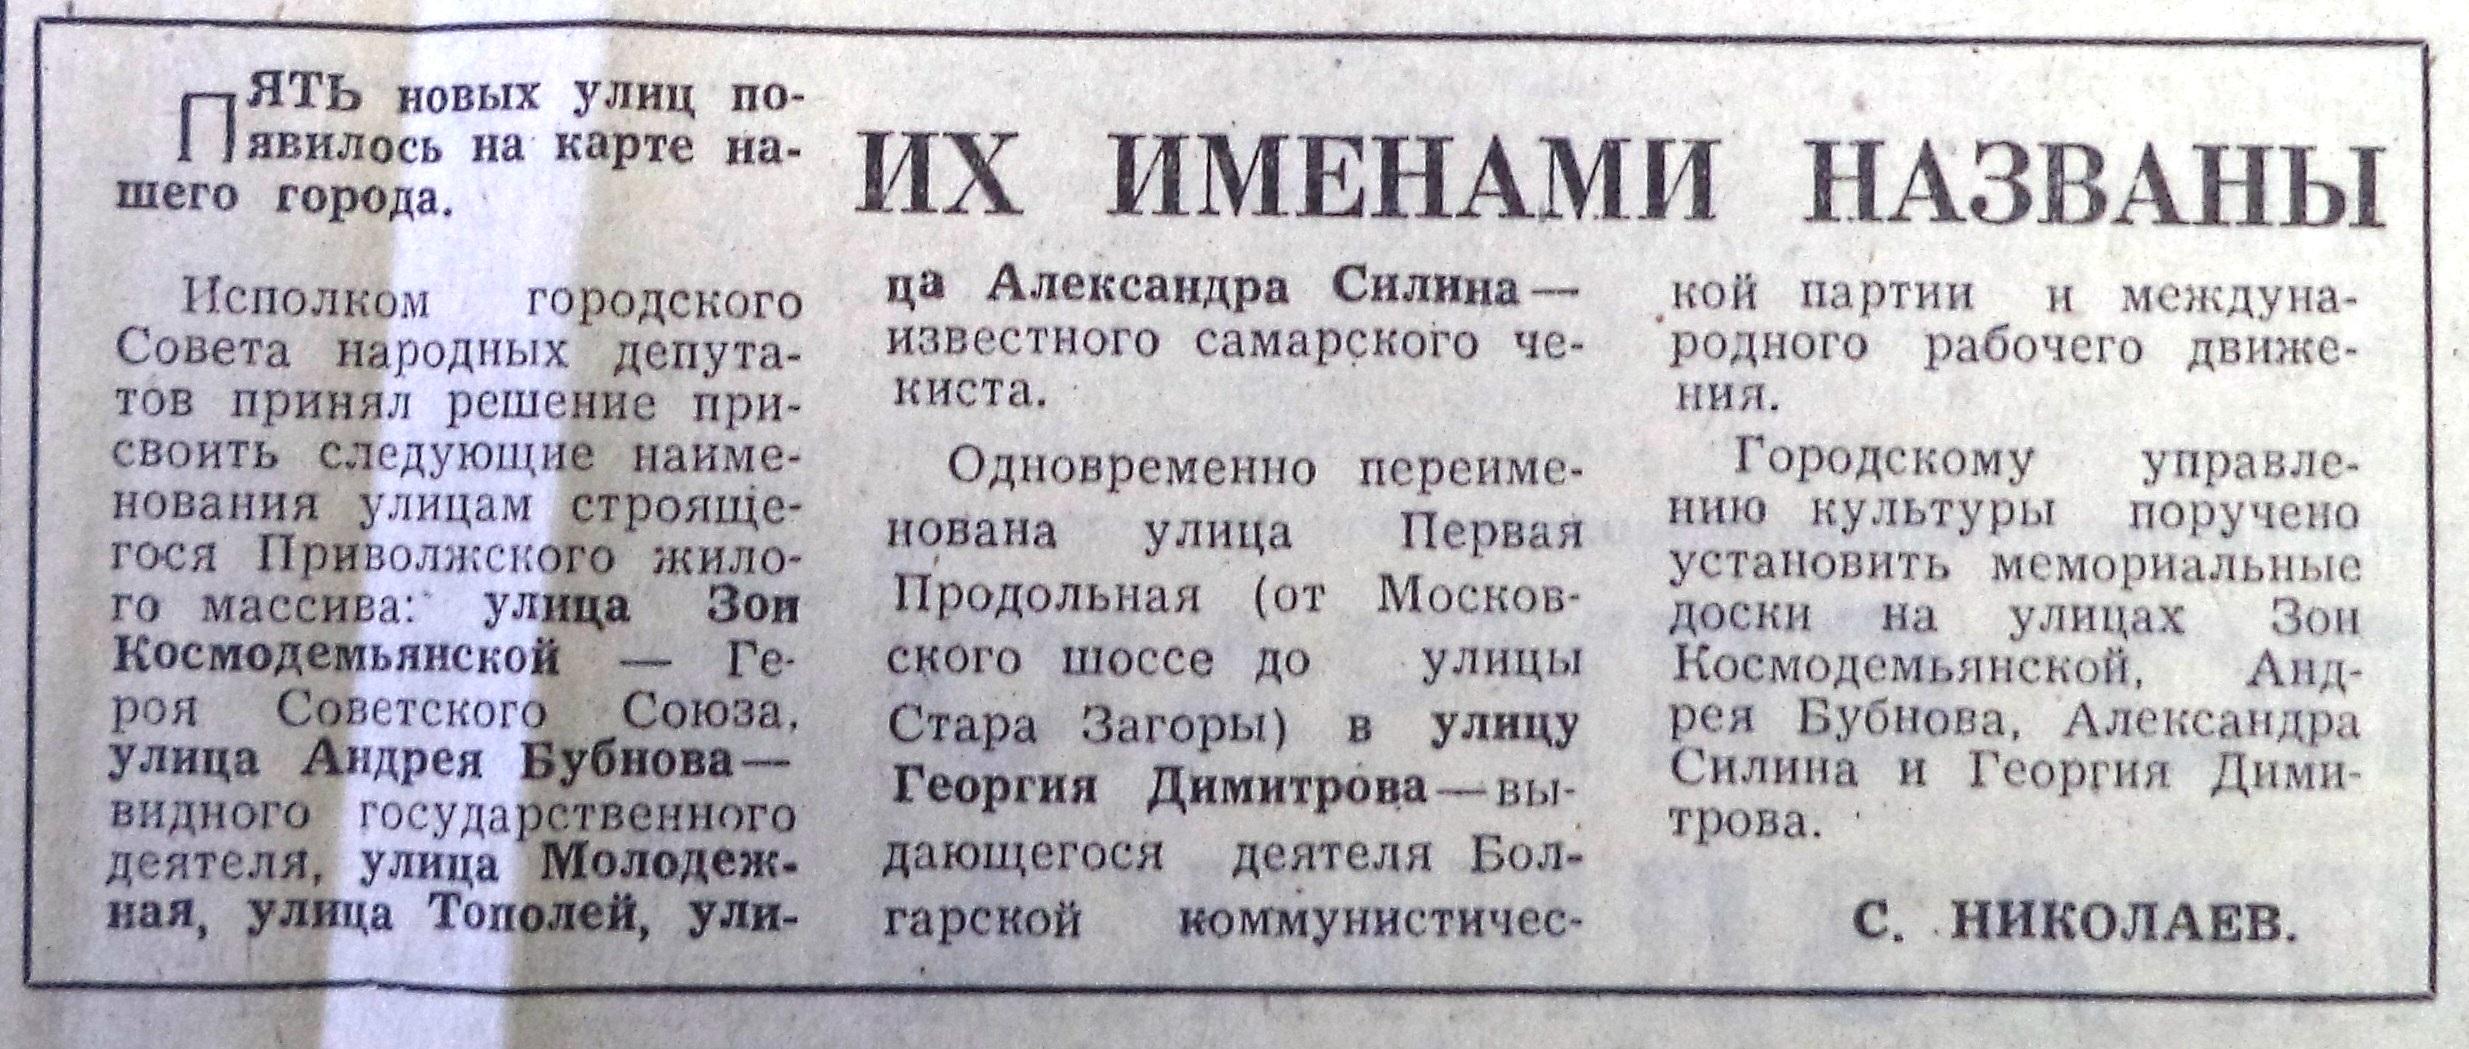 Зои Космодемьянской-ФОТО-02-ВЗя-1980-01-01-новые улицы Приволж. мкр